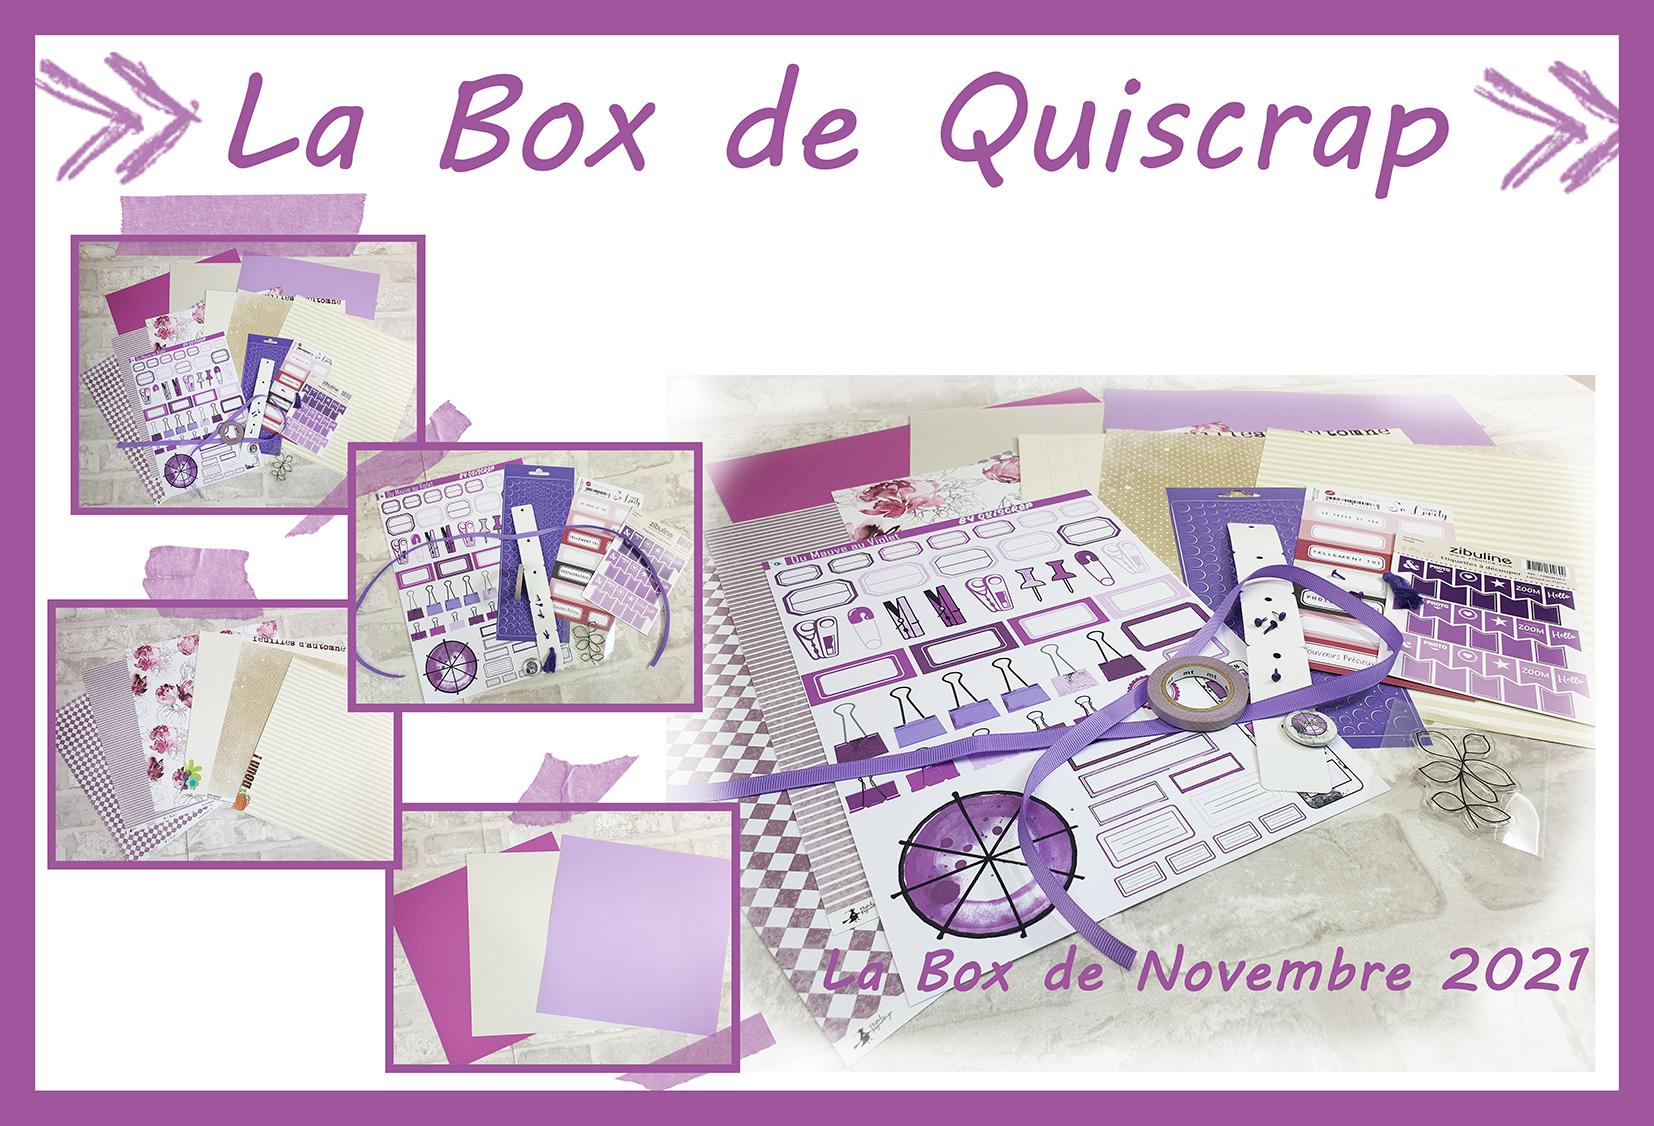 La Box de Novembre 2021